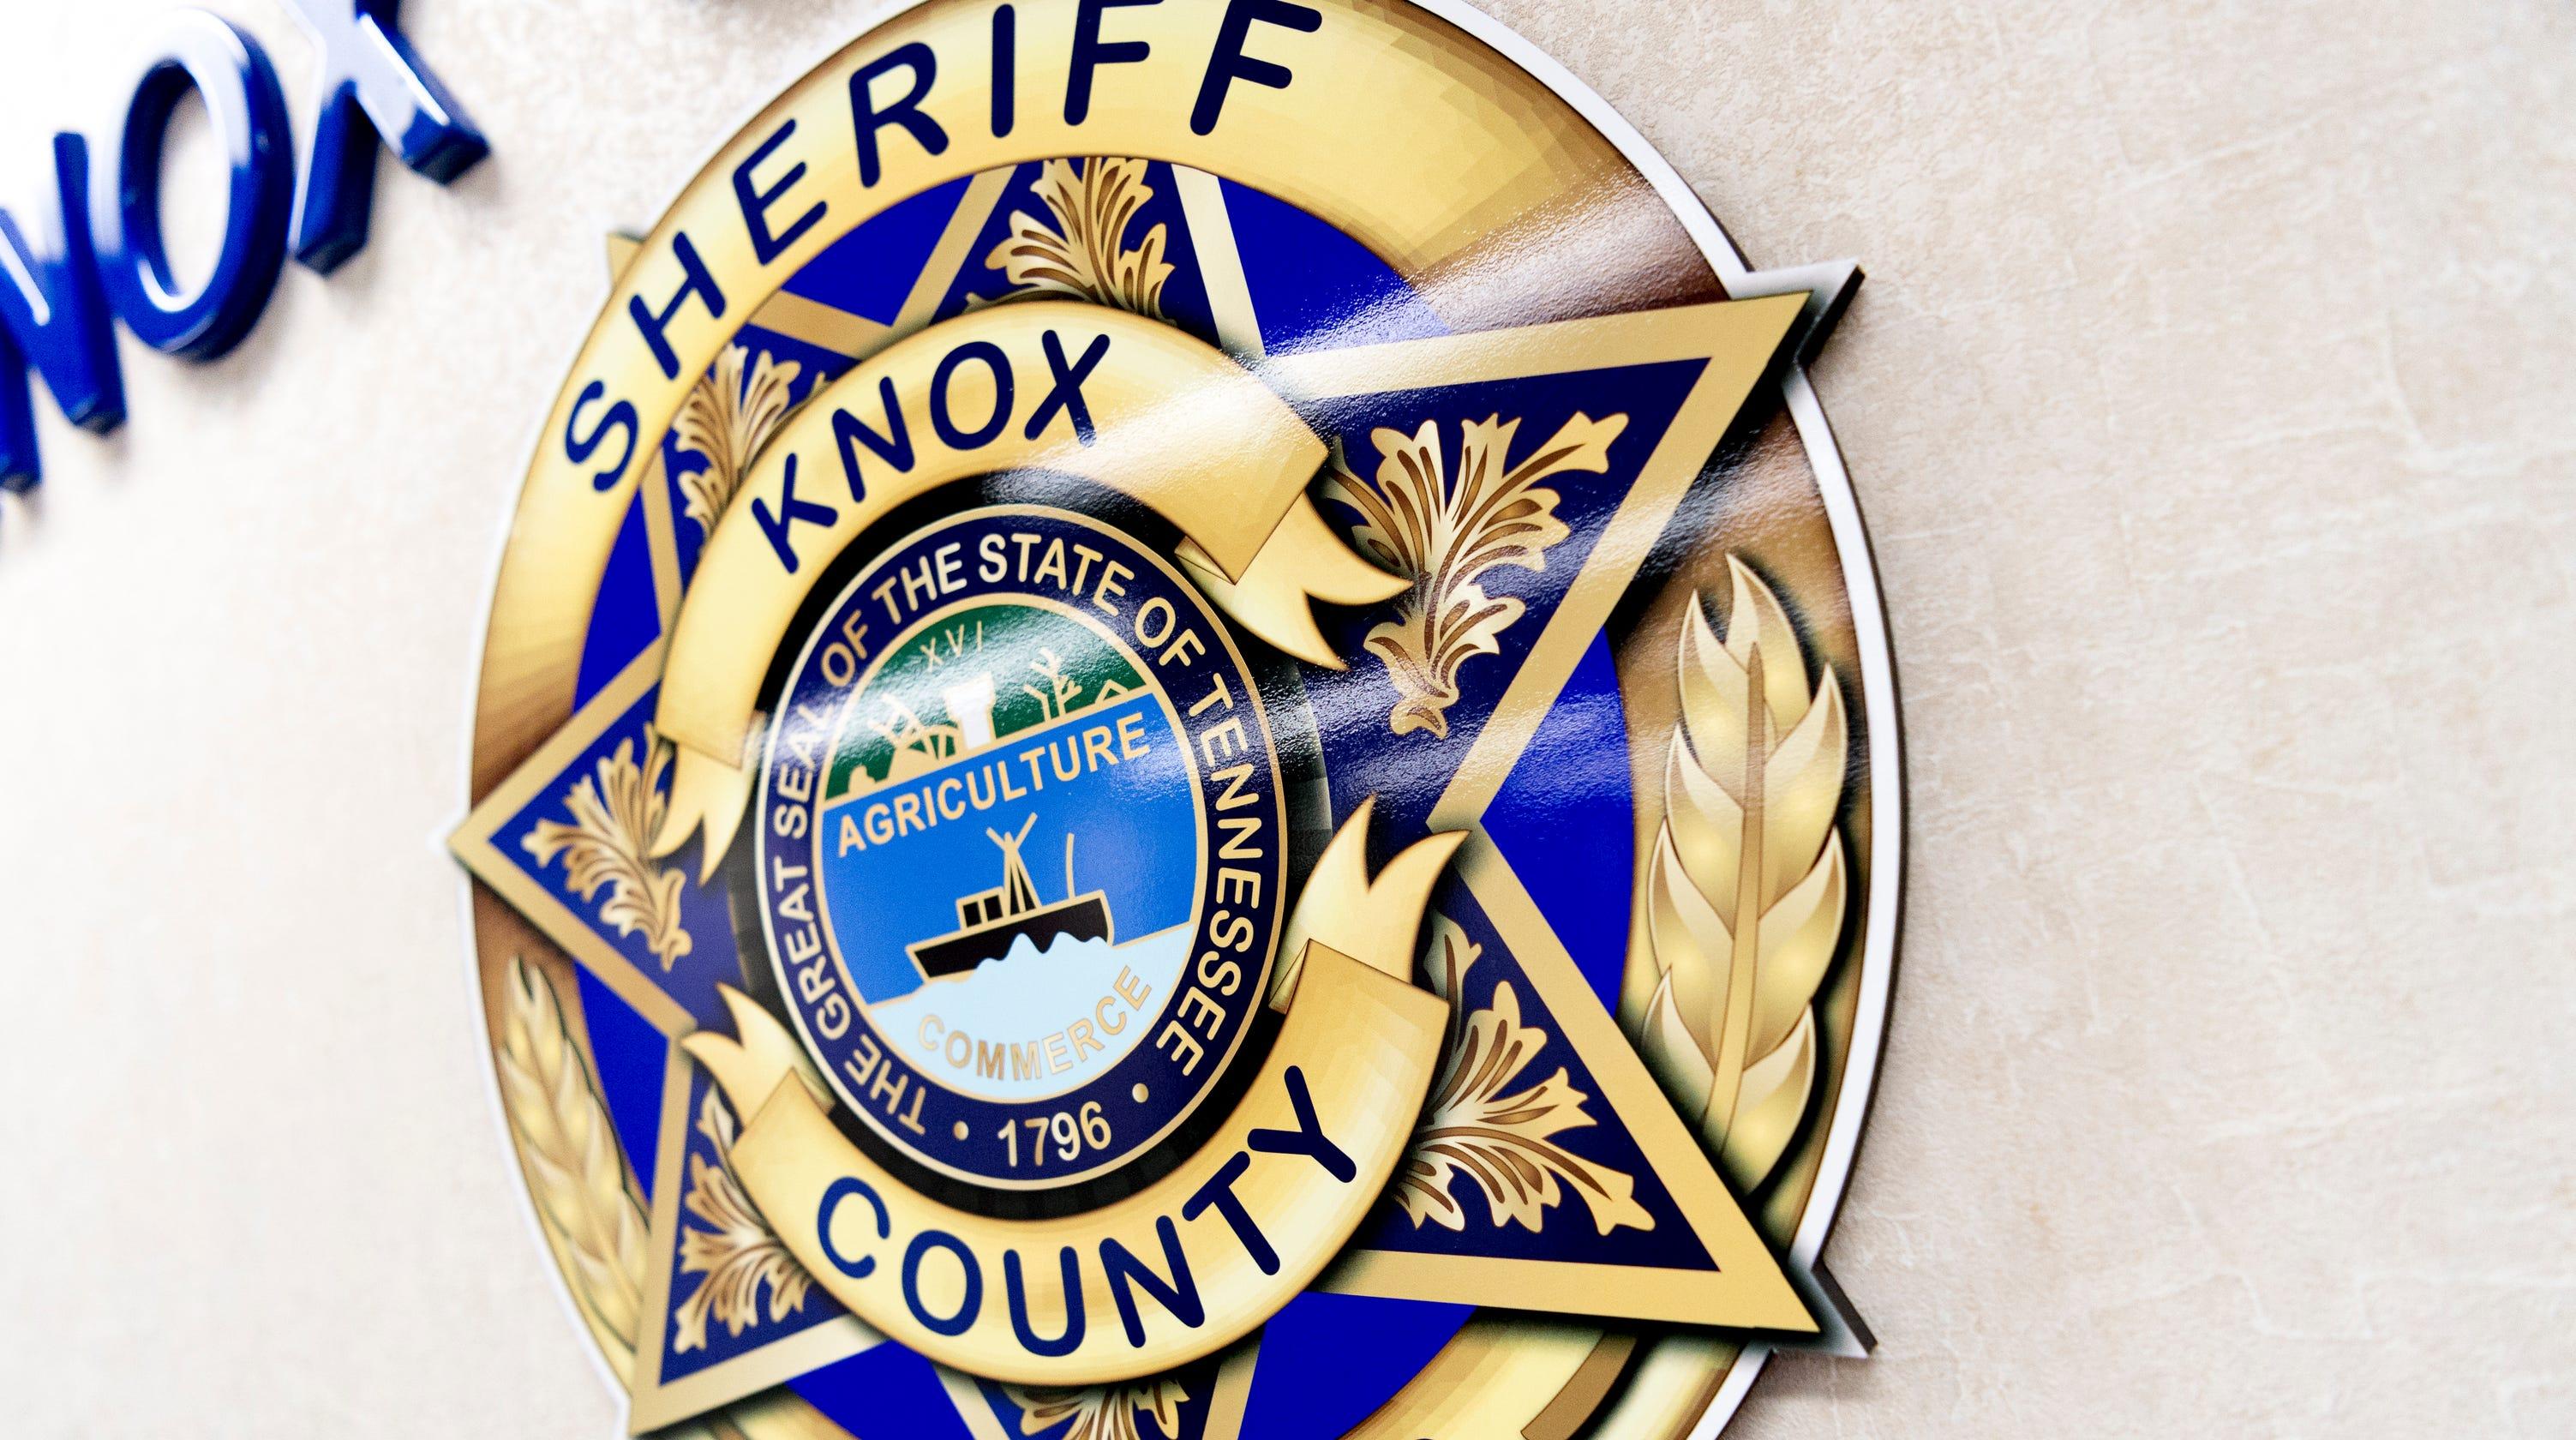 KCSO wall badge